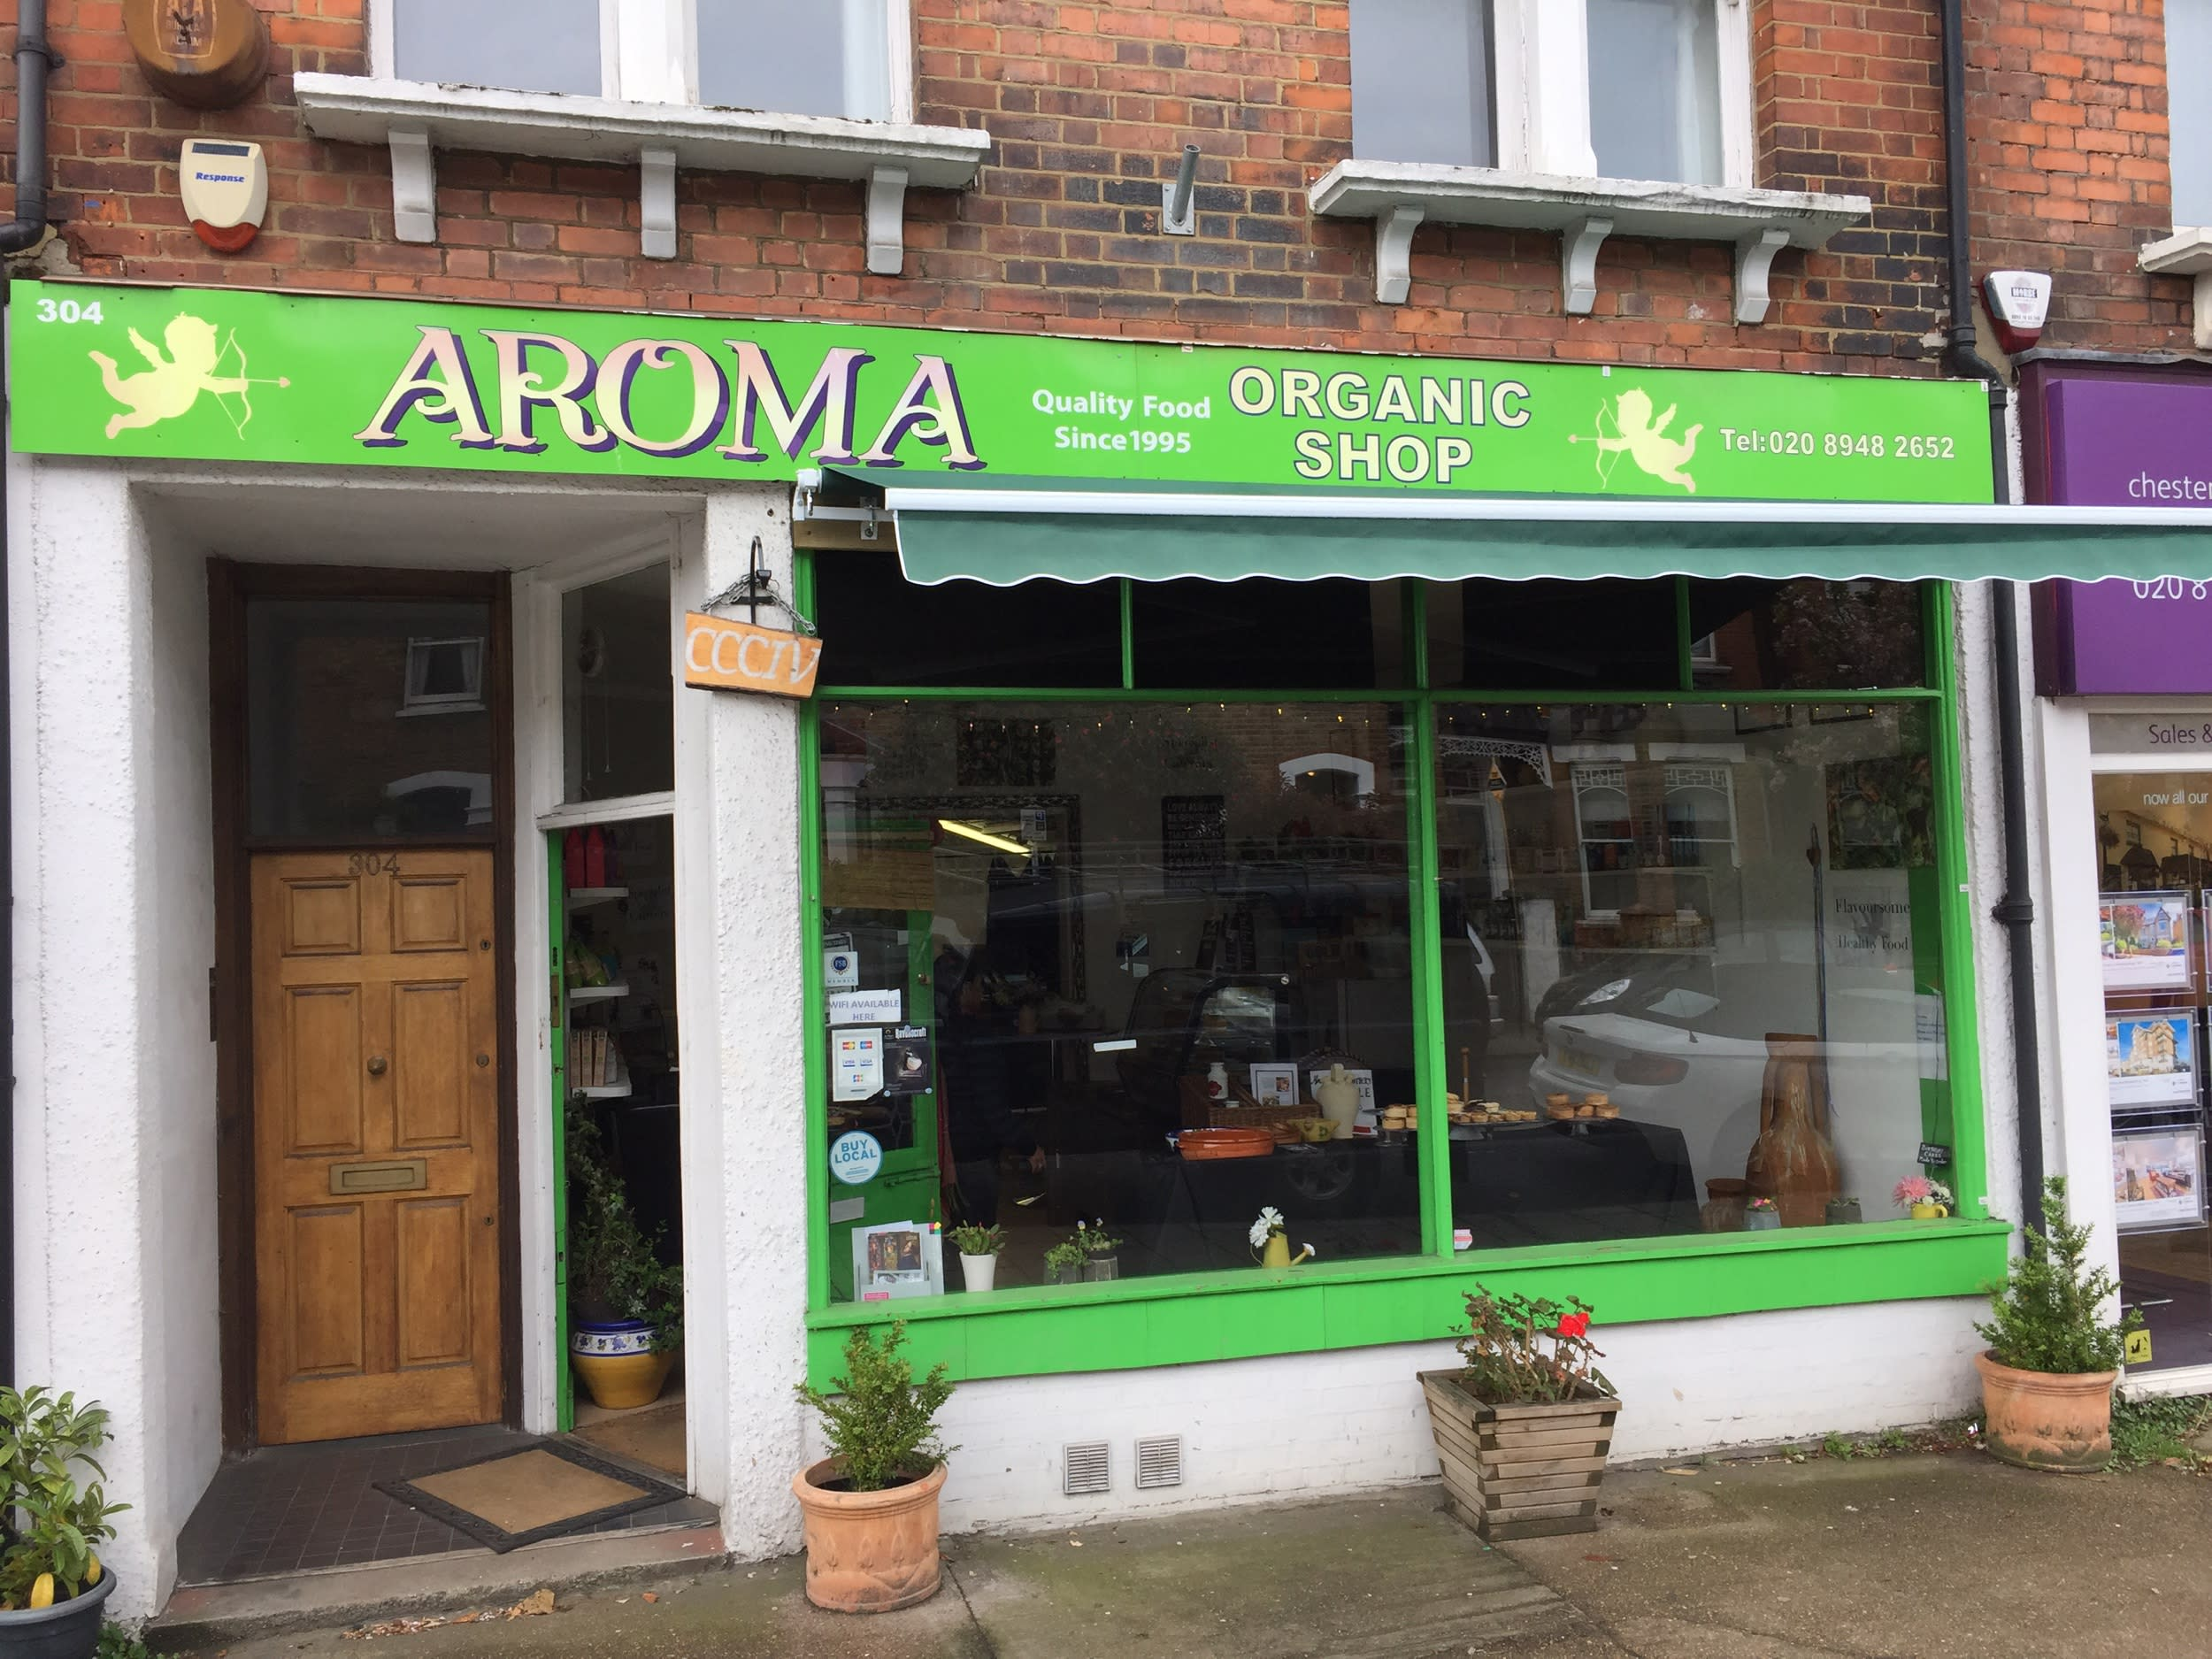 Aroma Organic